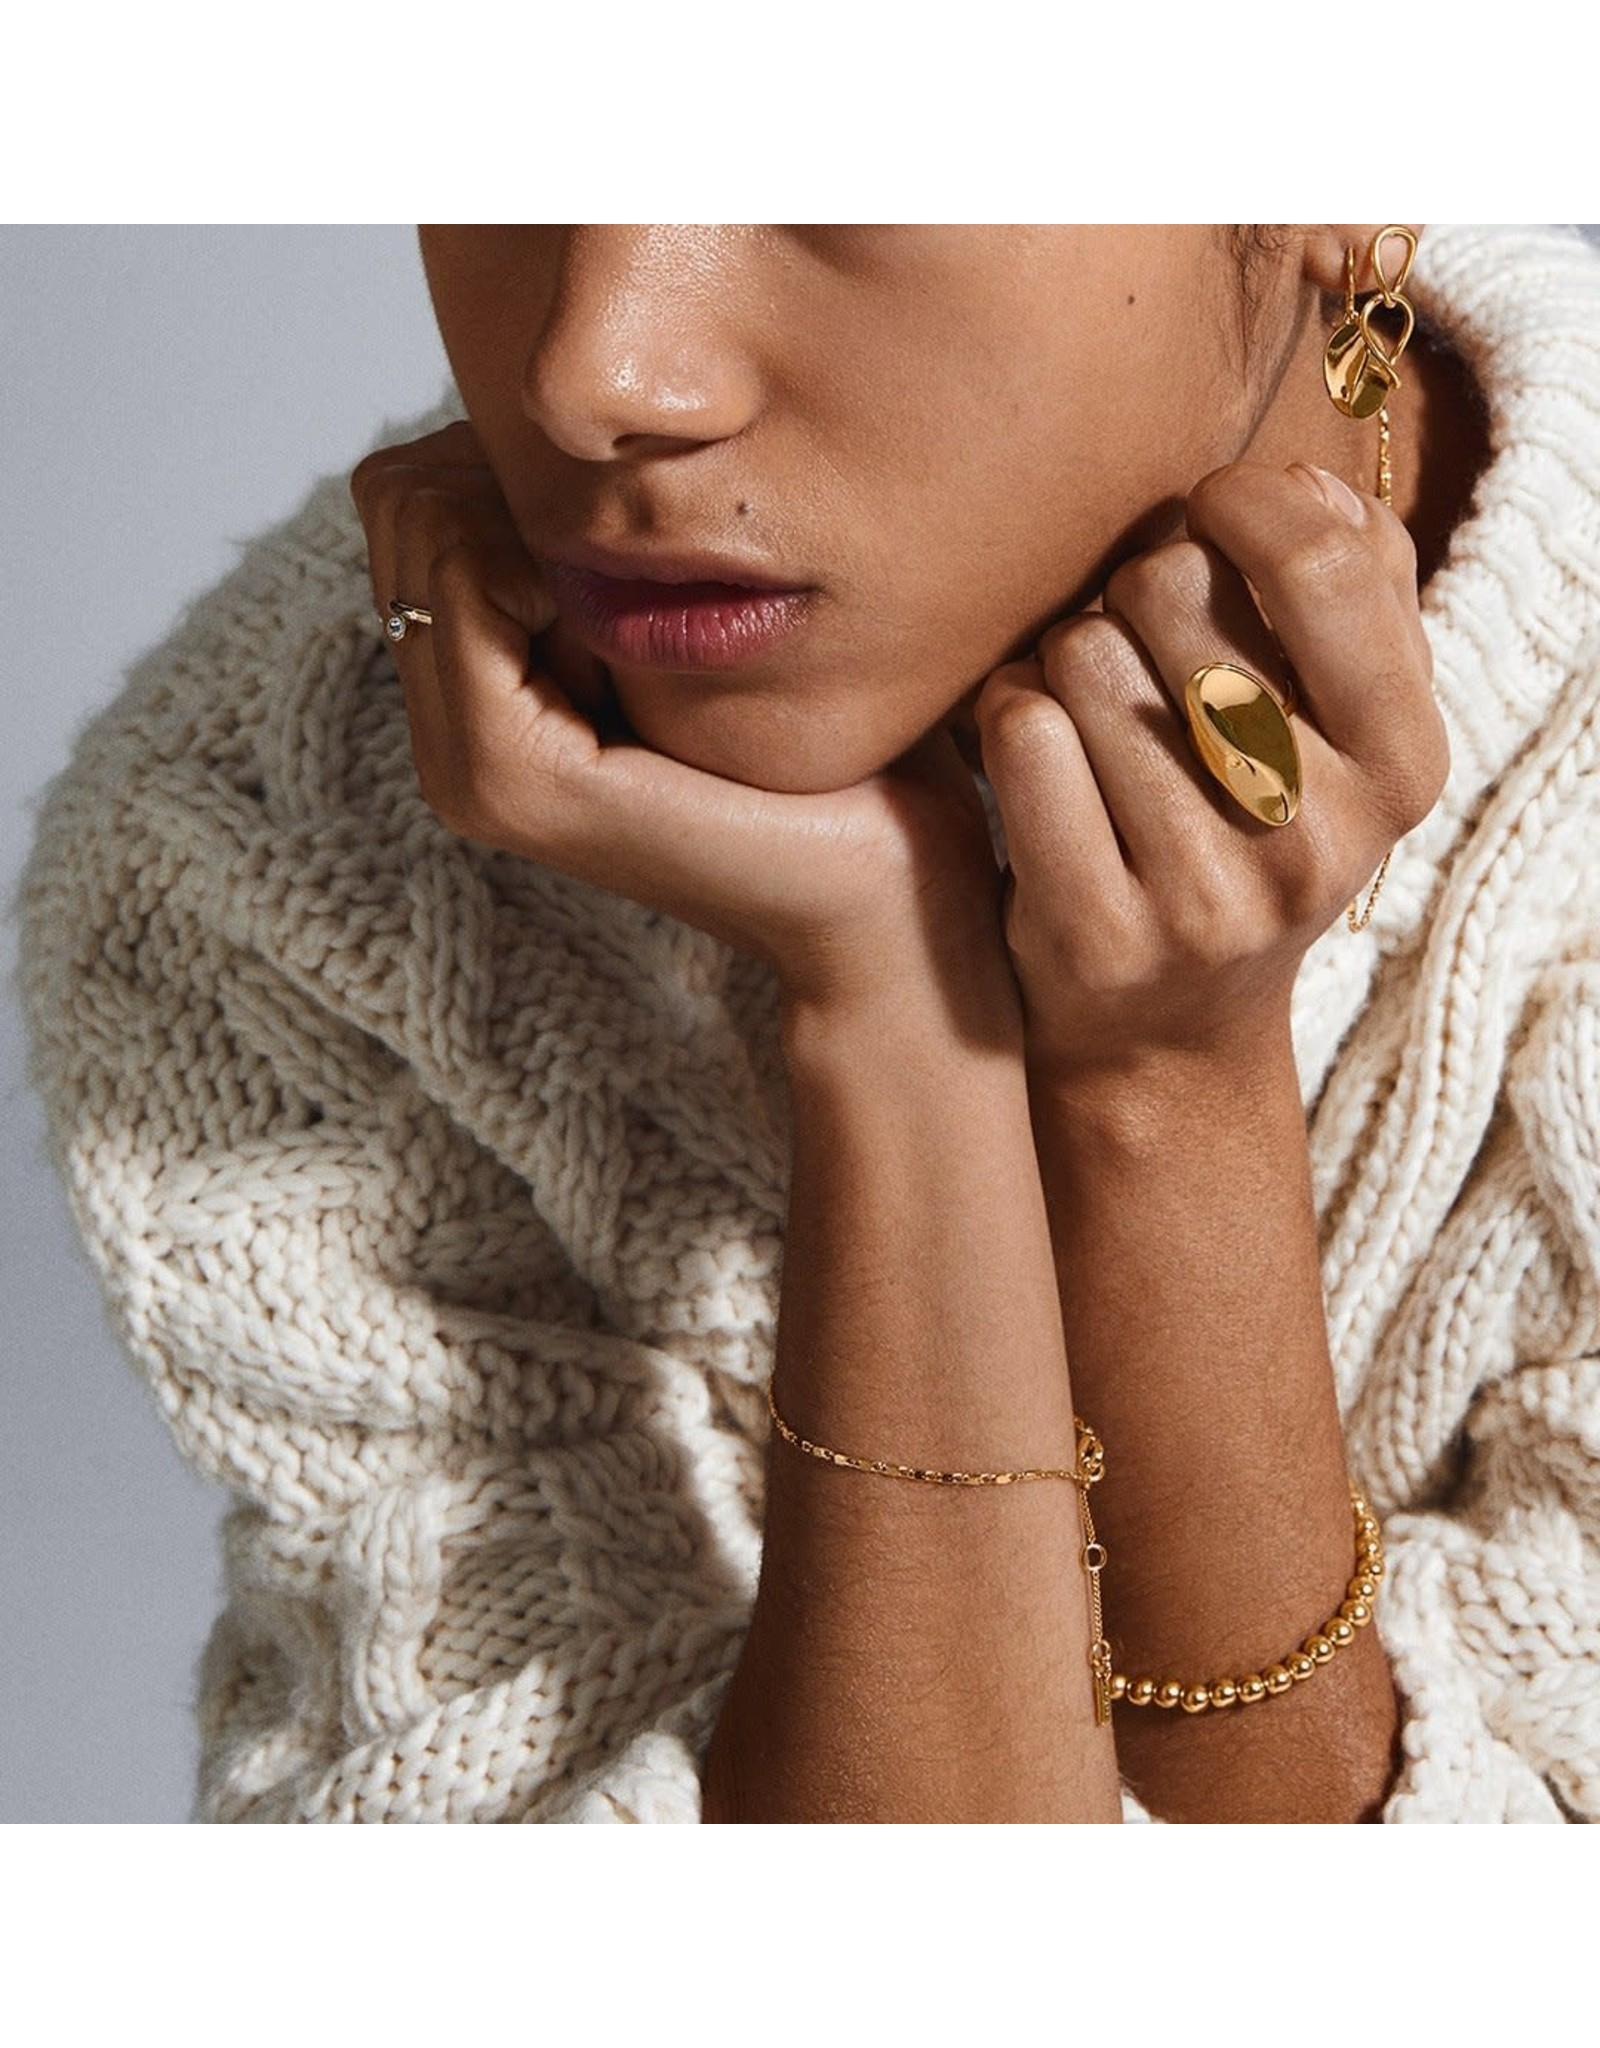 Pilgrim Pilgrim Mabelle Earrings Gold Plated